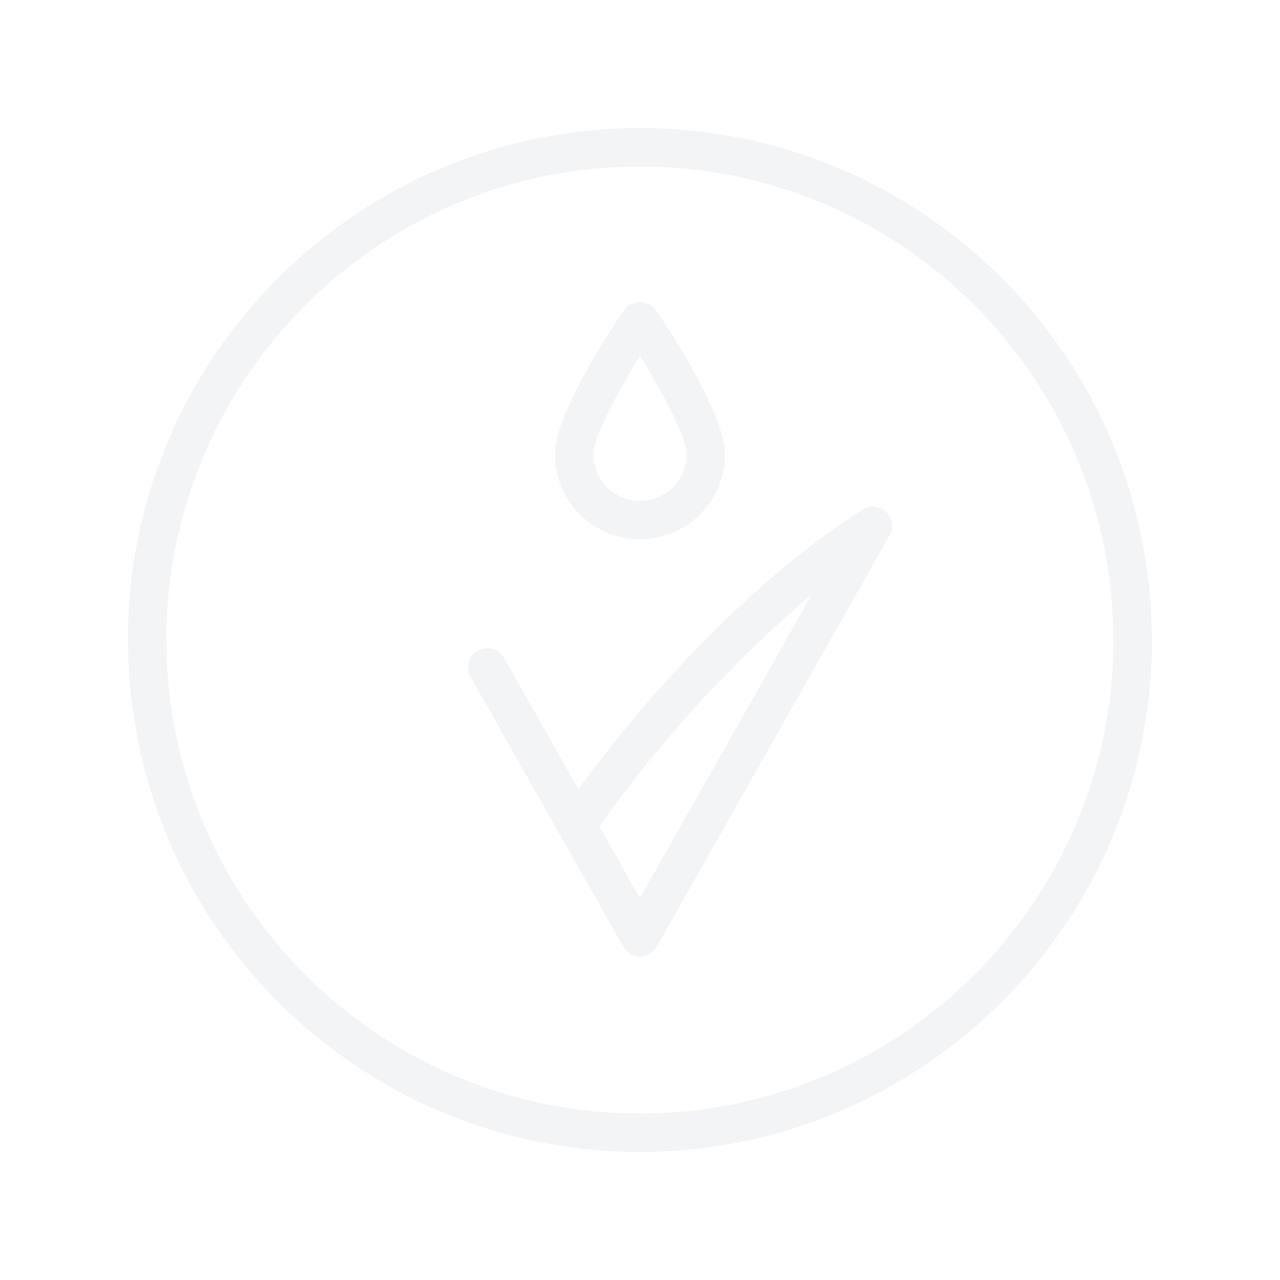 Elie Saab Le Parfum Intense Eau De Parfum